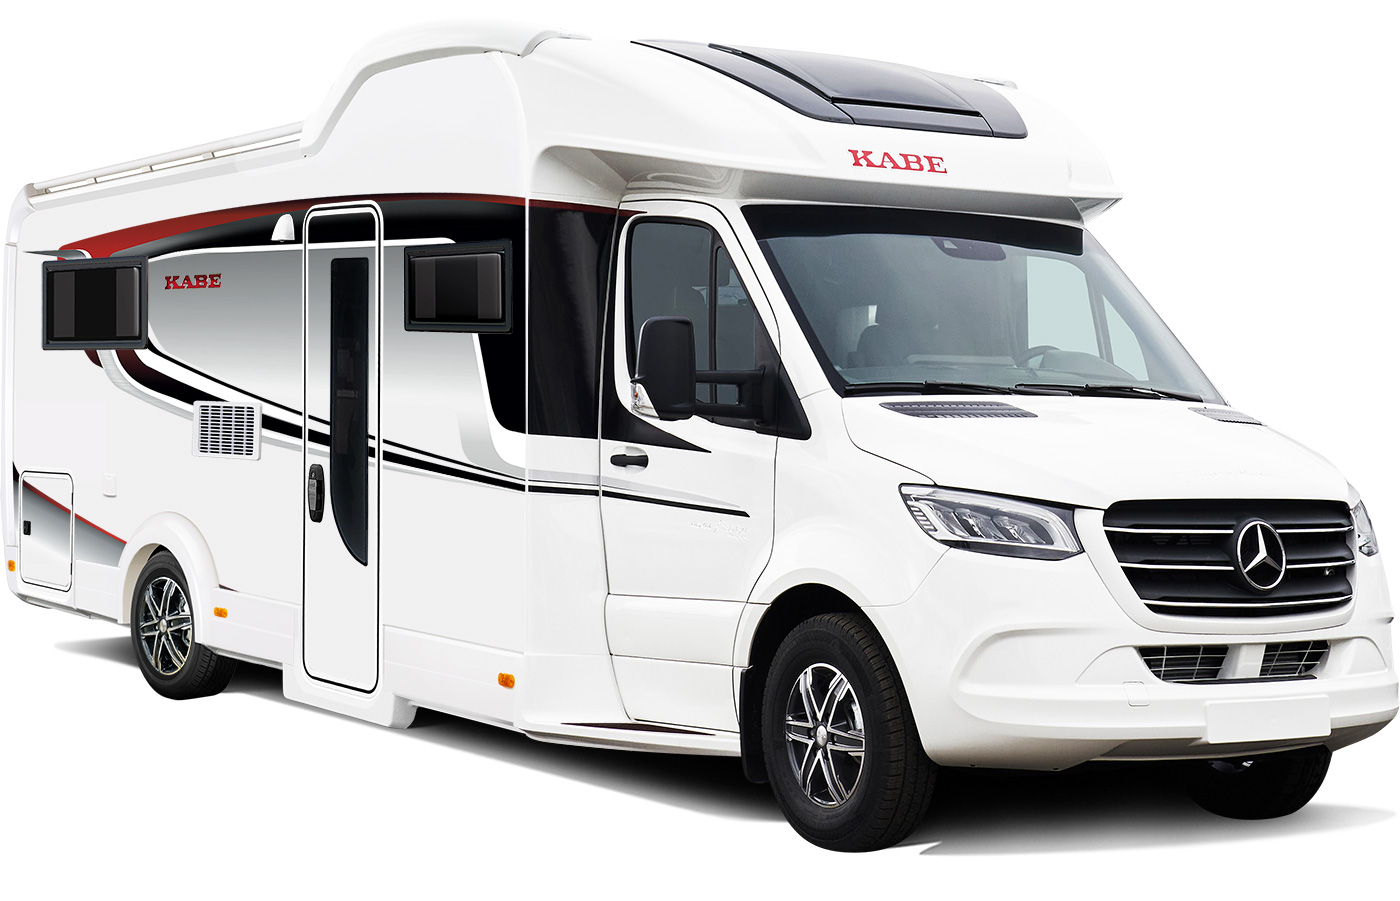 Kabe - Royal x780 LXL